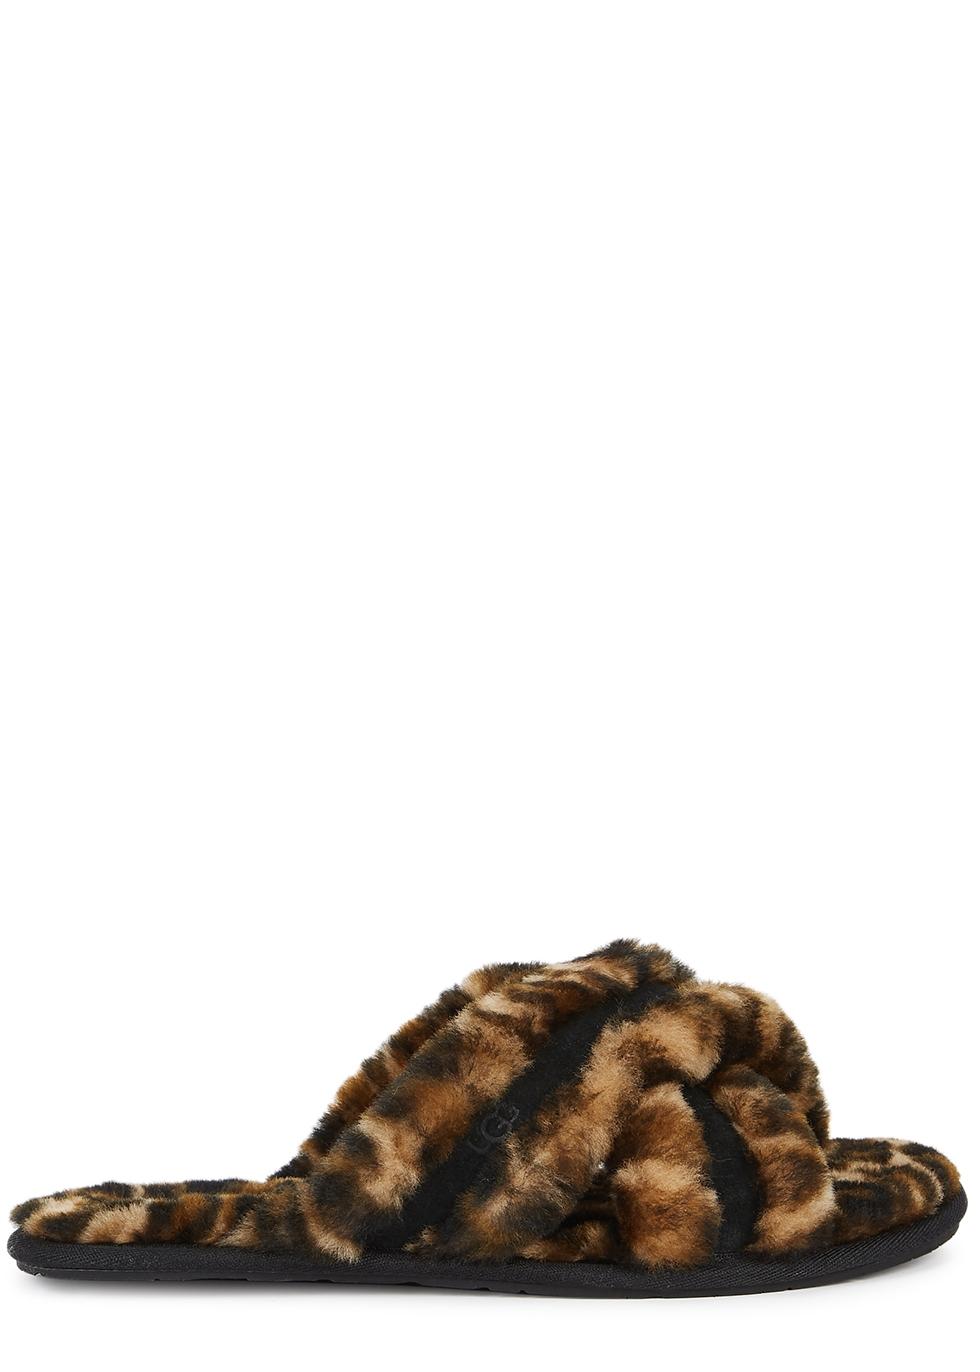 Scuffita leopard-print shearling slippers